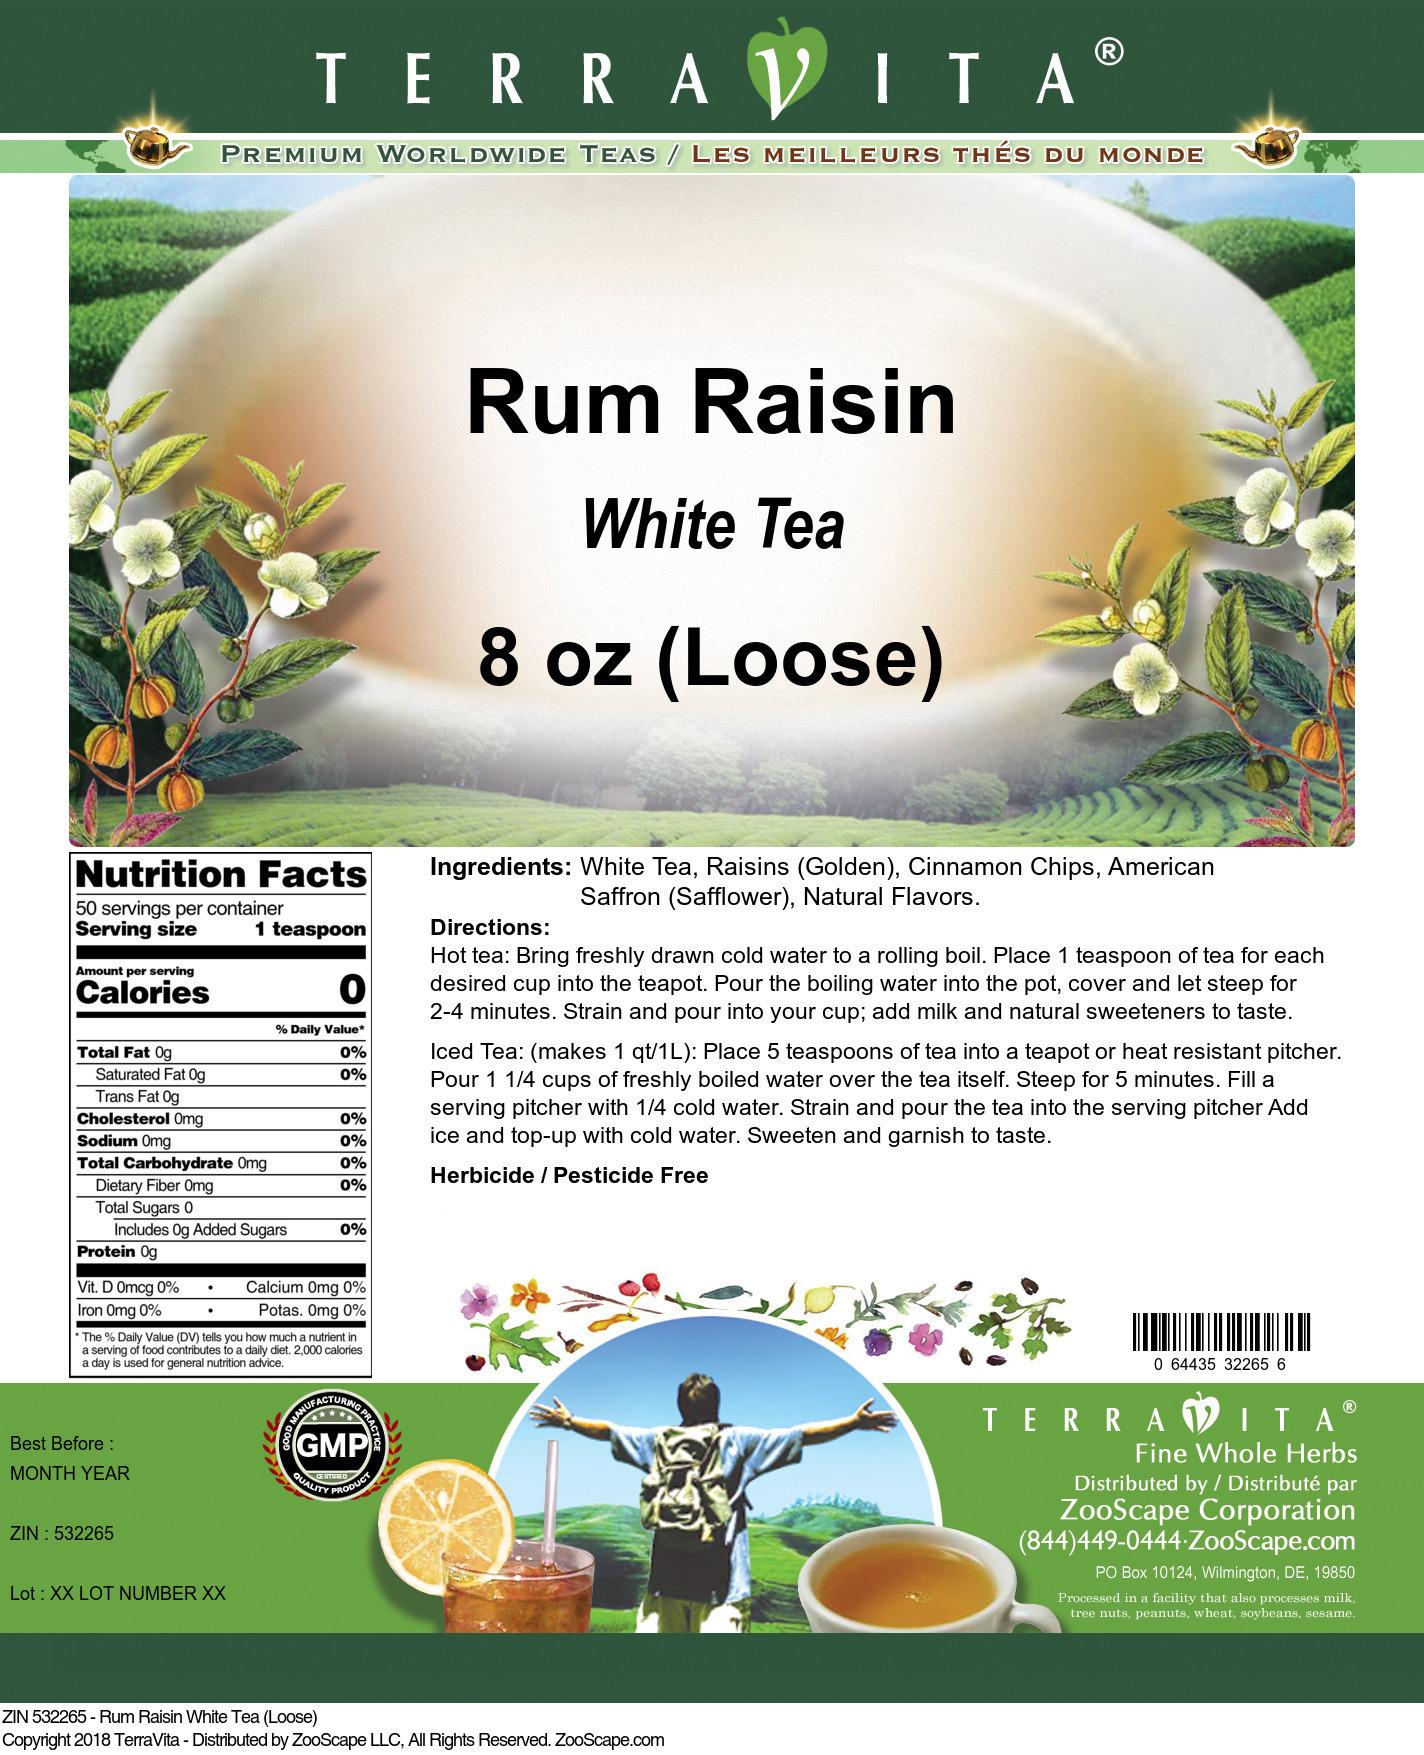 Rum Raisin White Tea (Loose)